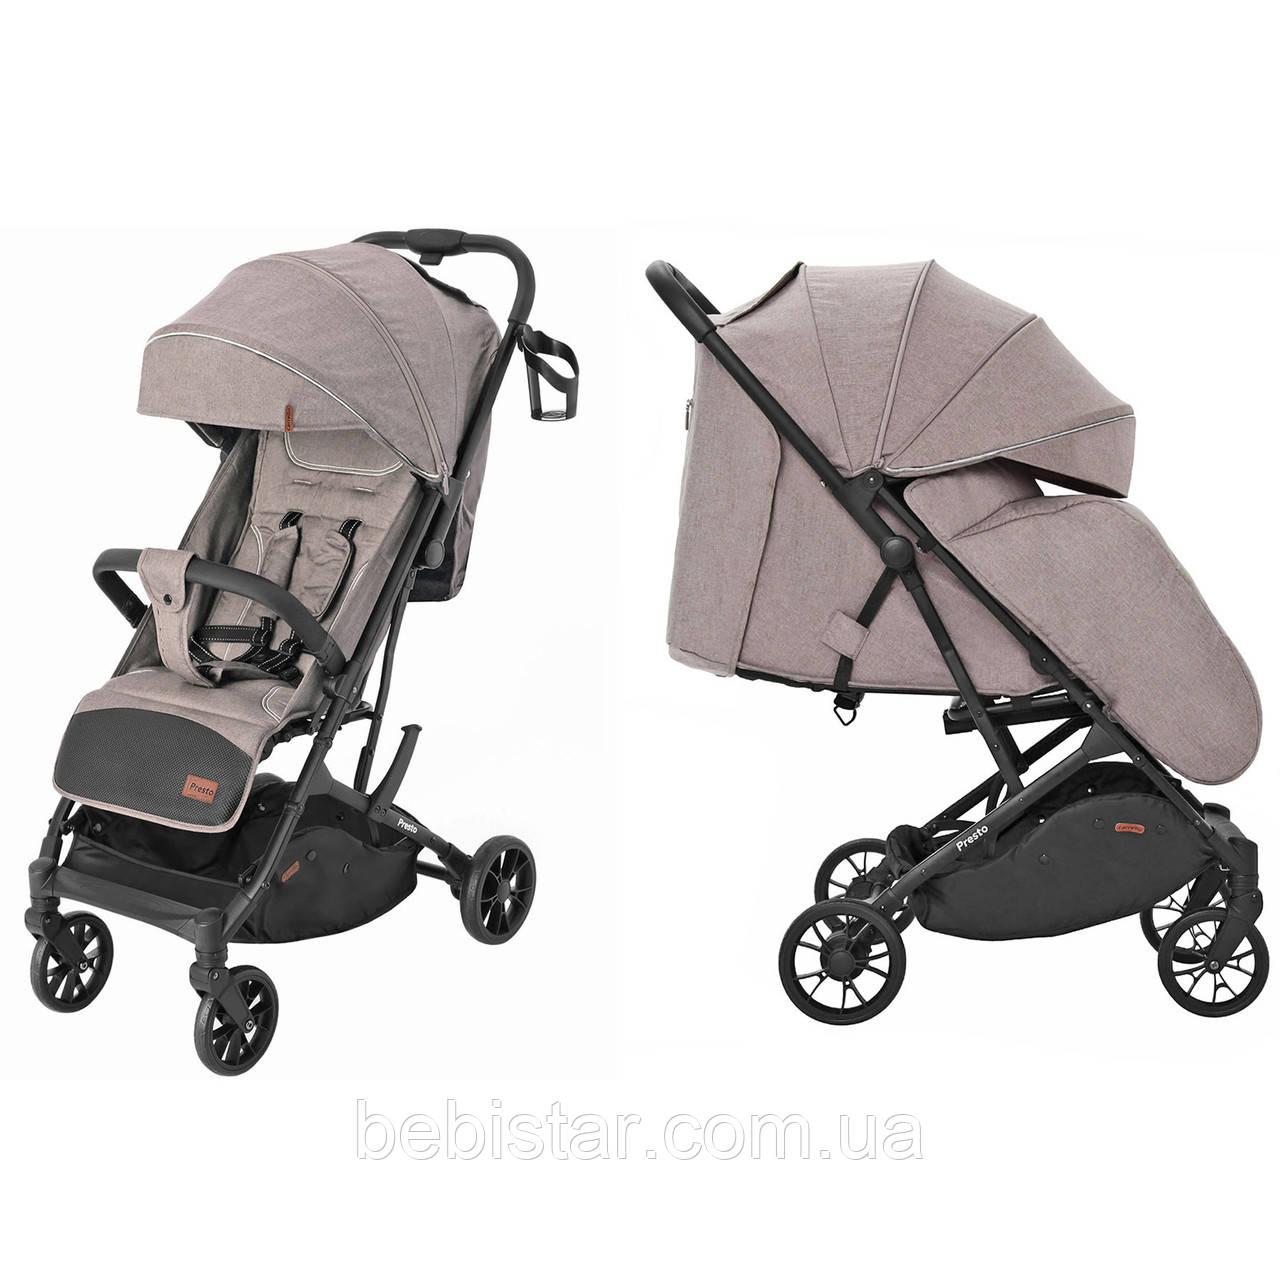 Детская прогулочная коляска бежевая с дождевиком CARRELLO Presto CRL-9002 для деток 6 до 36 месяцев